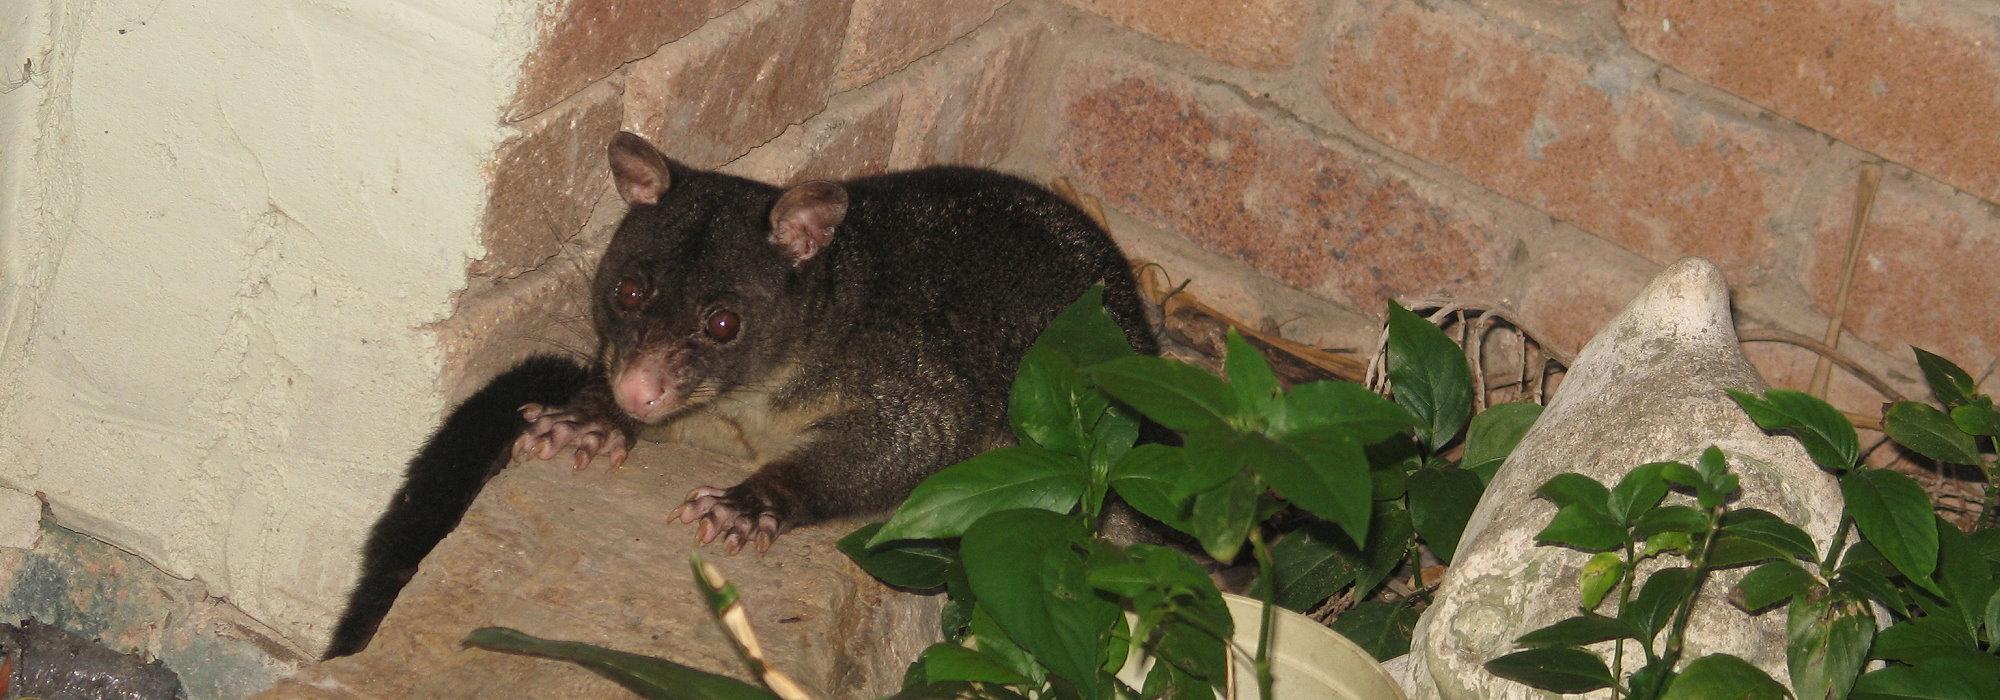 Betty the Brushtail Possum